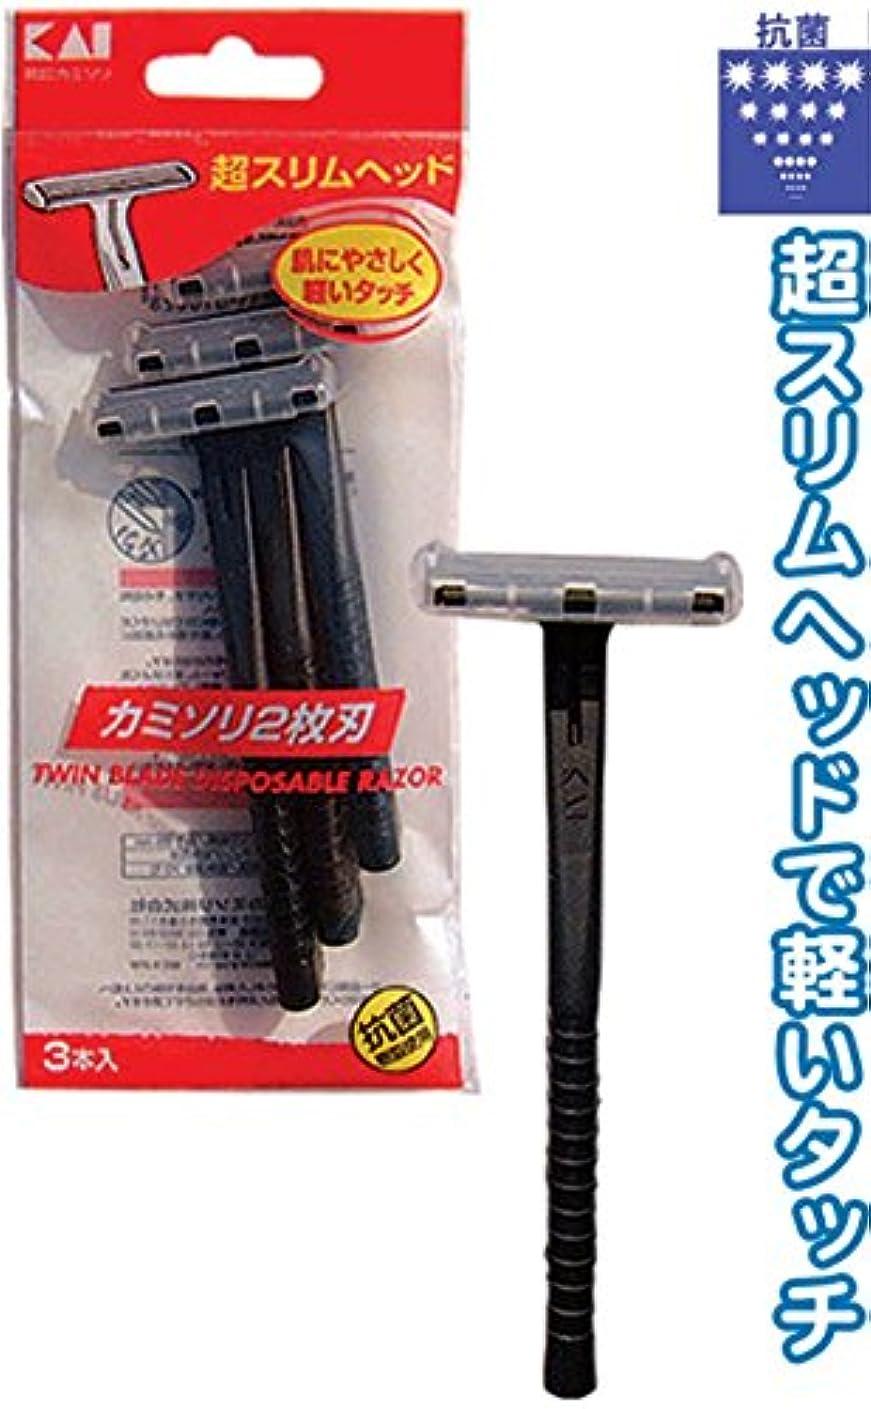 三角形最小ヘルシー貝印 2枚刃カミソリ(3P) 【まとめ買い30個セット】 21-037